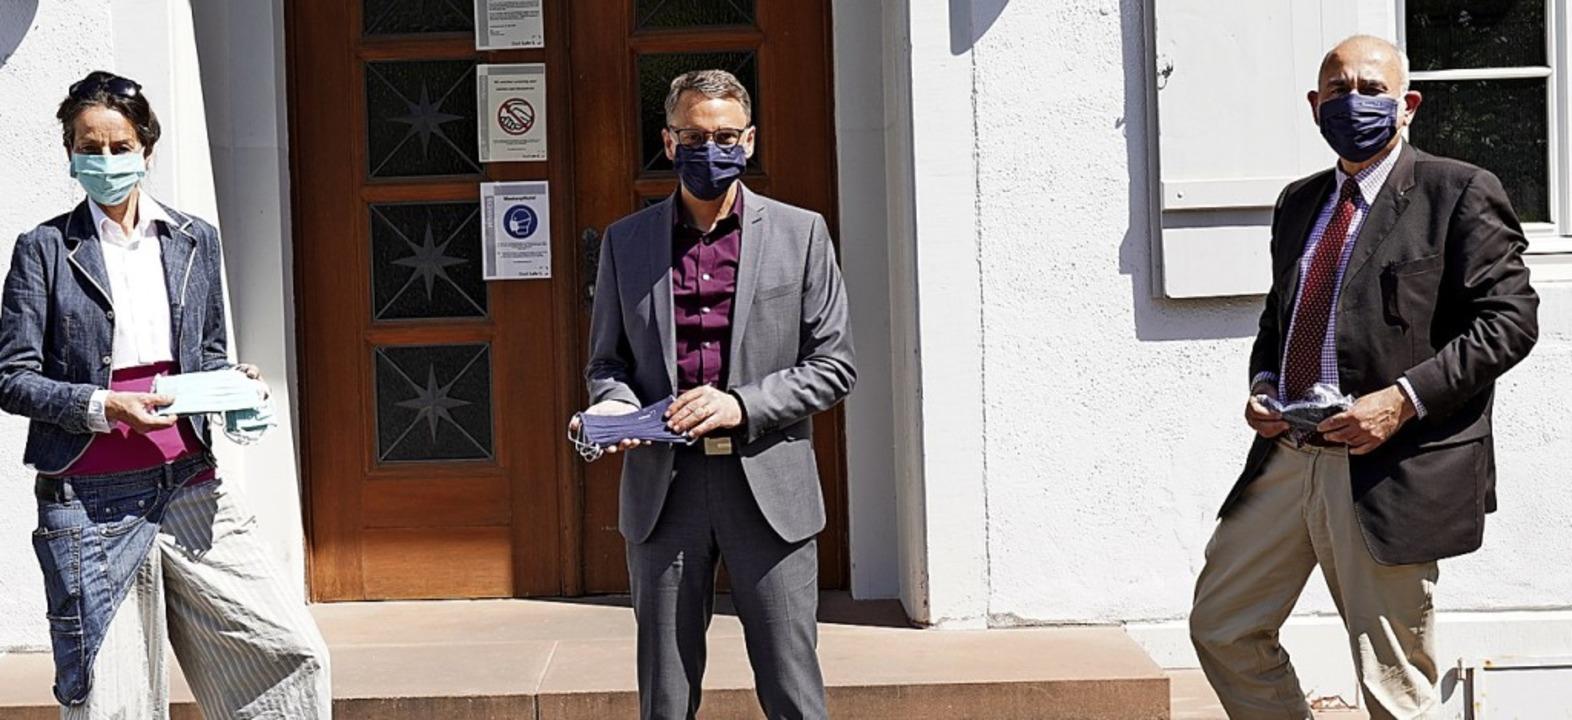 Freude über die Masken: Angelika Walte...hr mit  Oberbürgermeister Markus Ibert  | Foto: Stadt Lahr